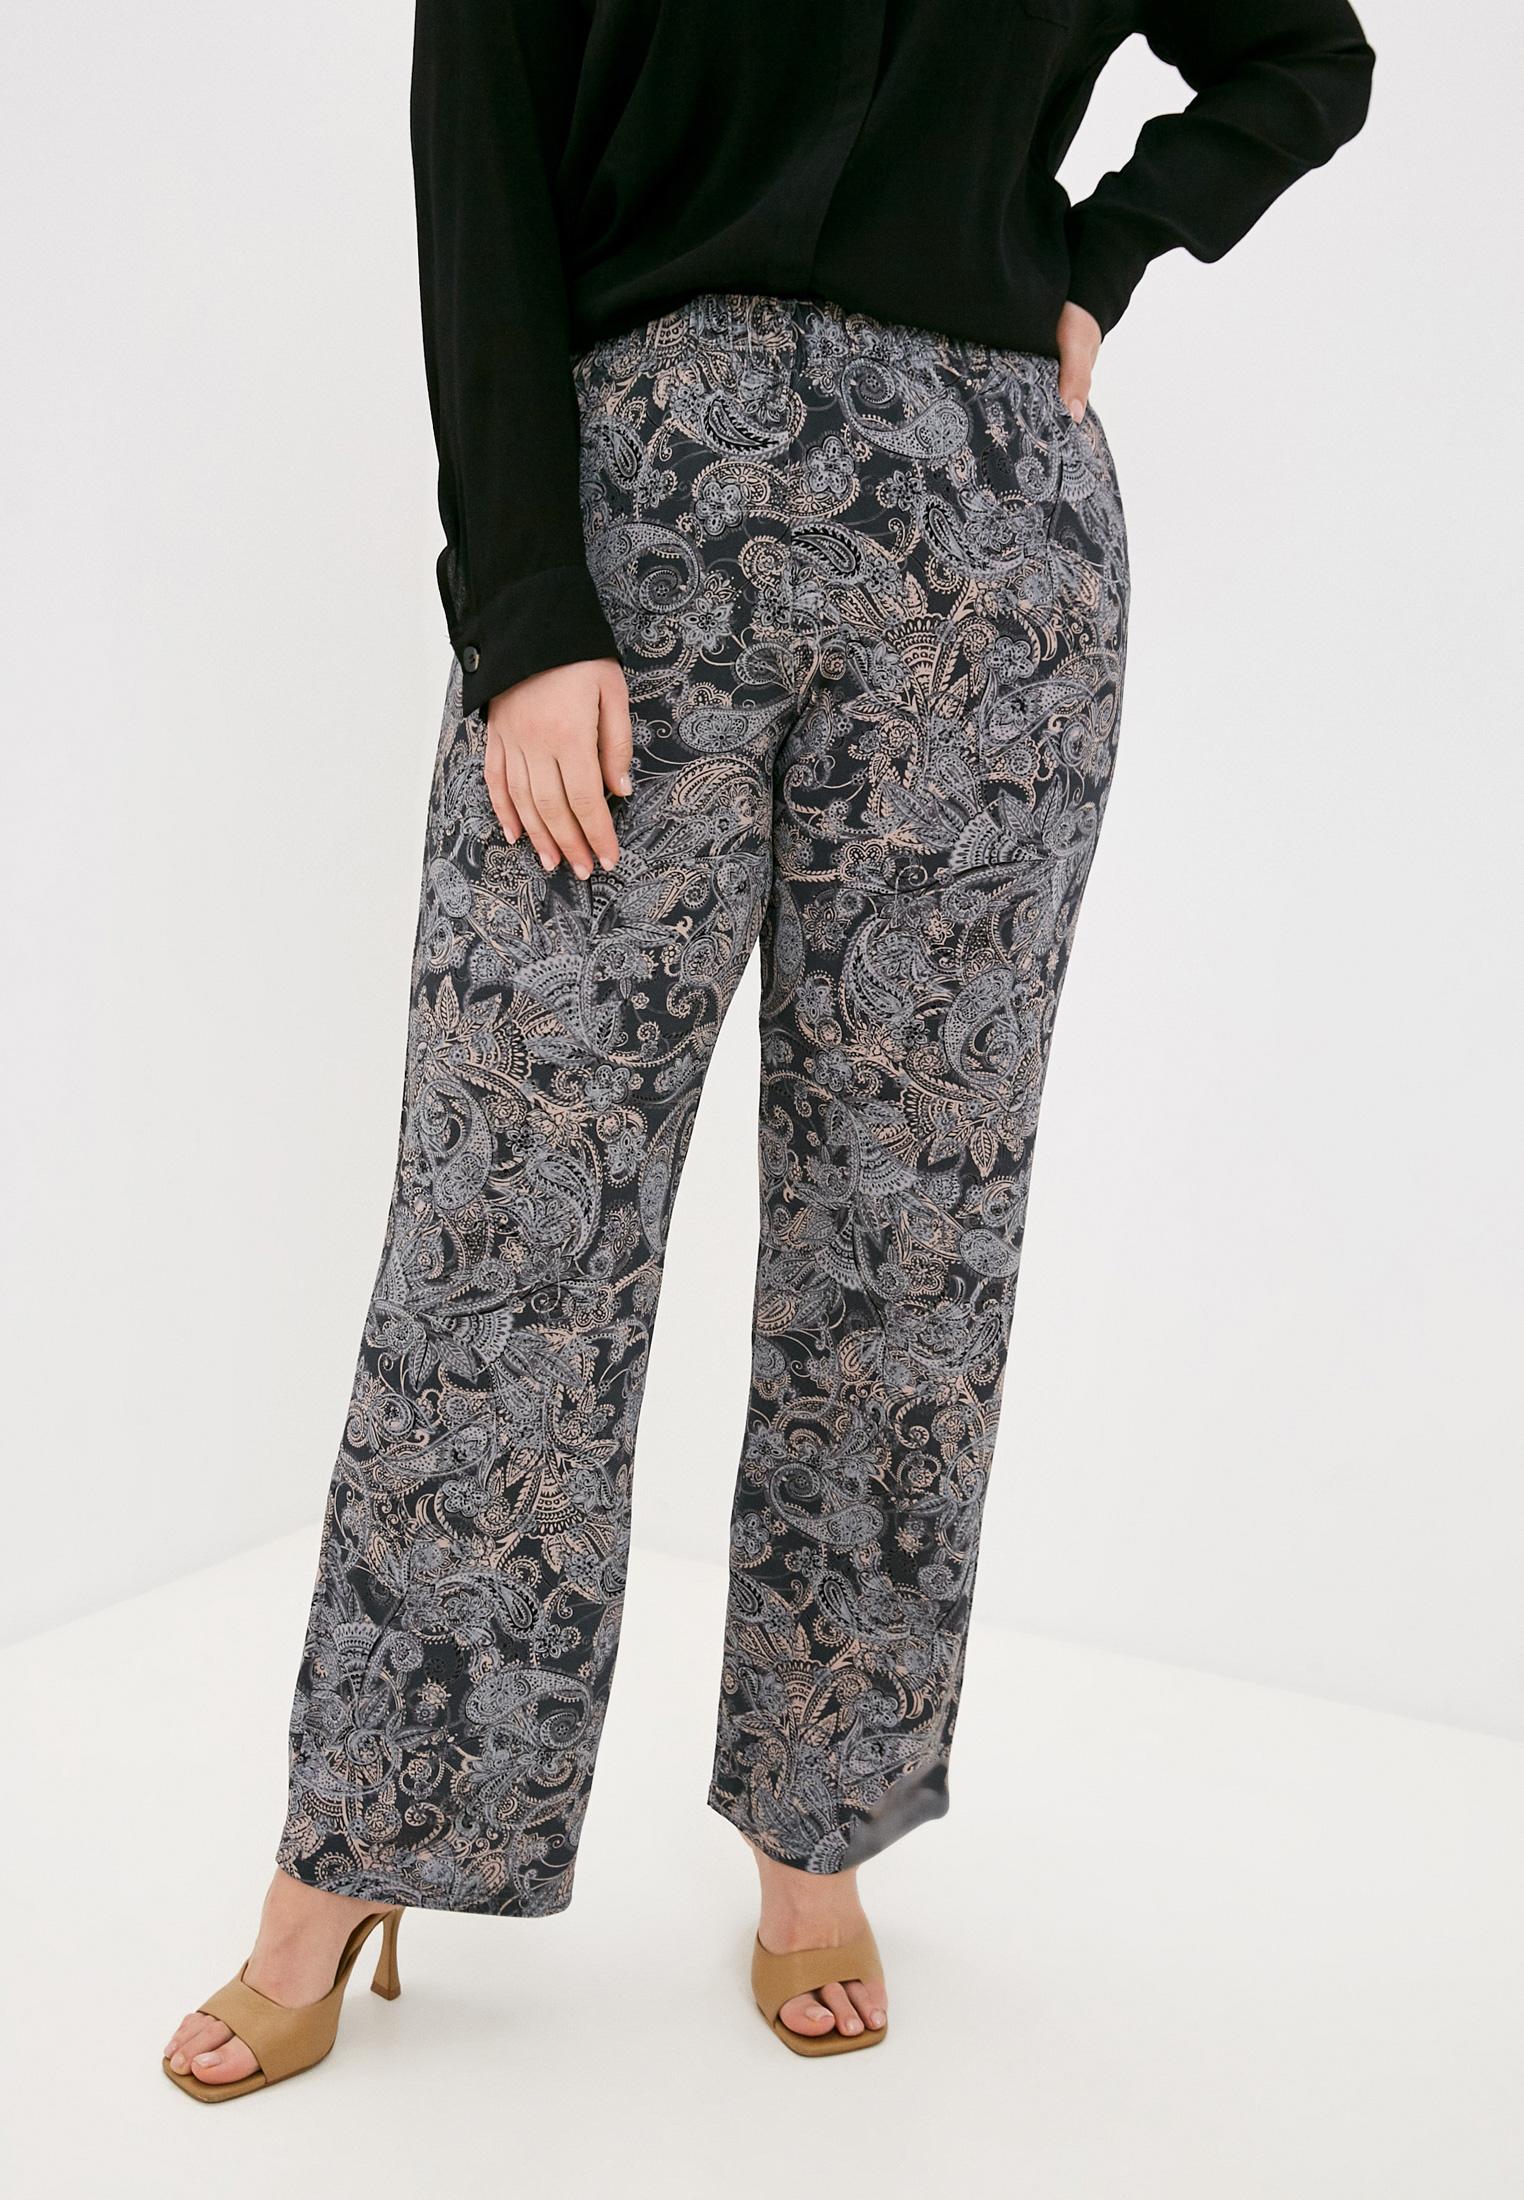 Женские широкие и расклешенные брюки Ulla Popken (Улла Пупкин) Брюки Ulla Popken